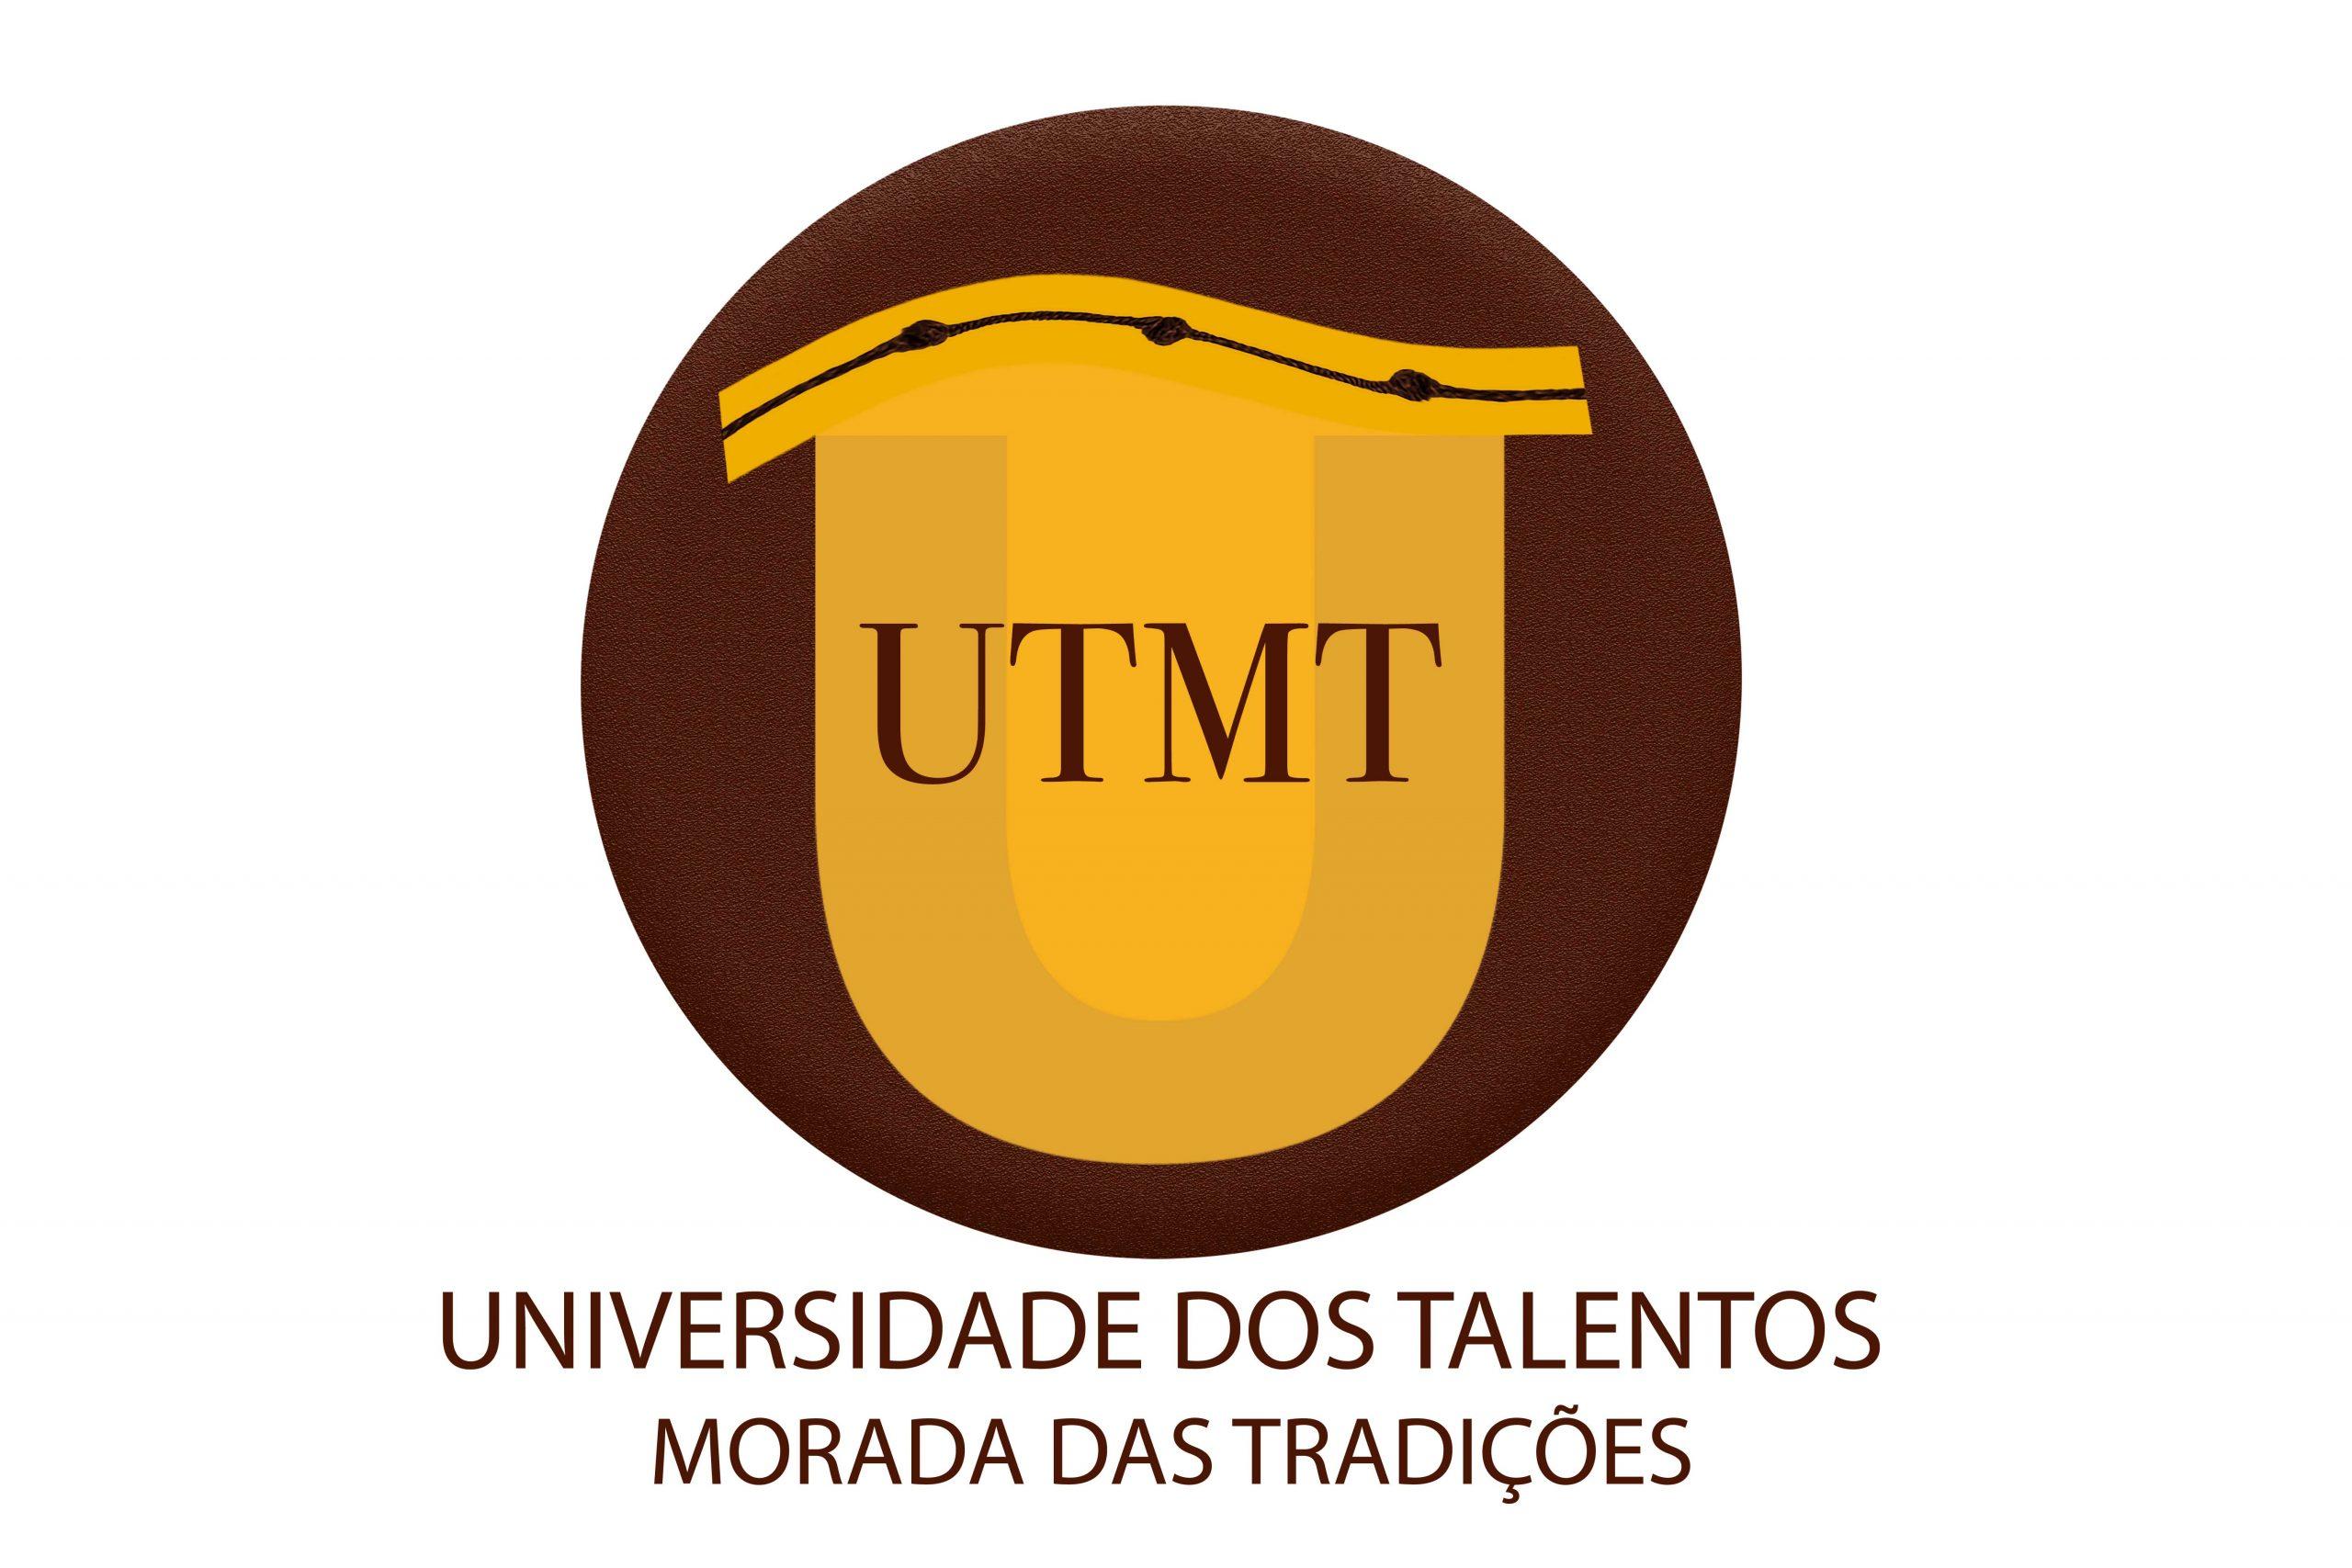 Universidade dos Talentos - Morada das Tradições